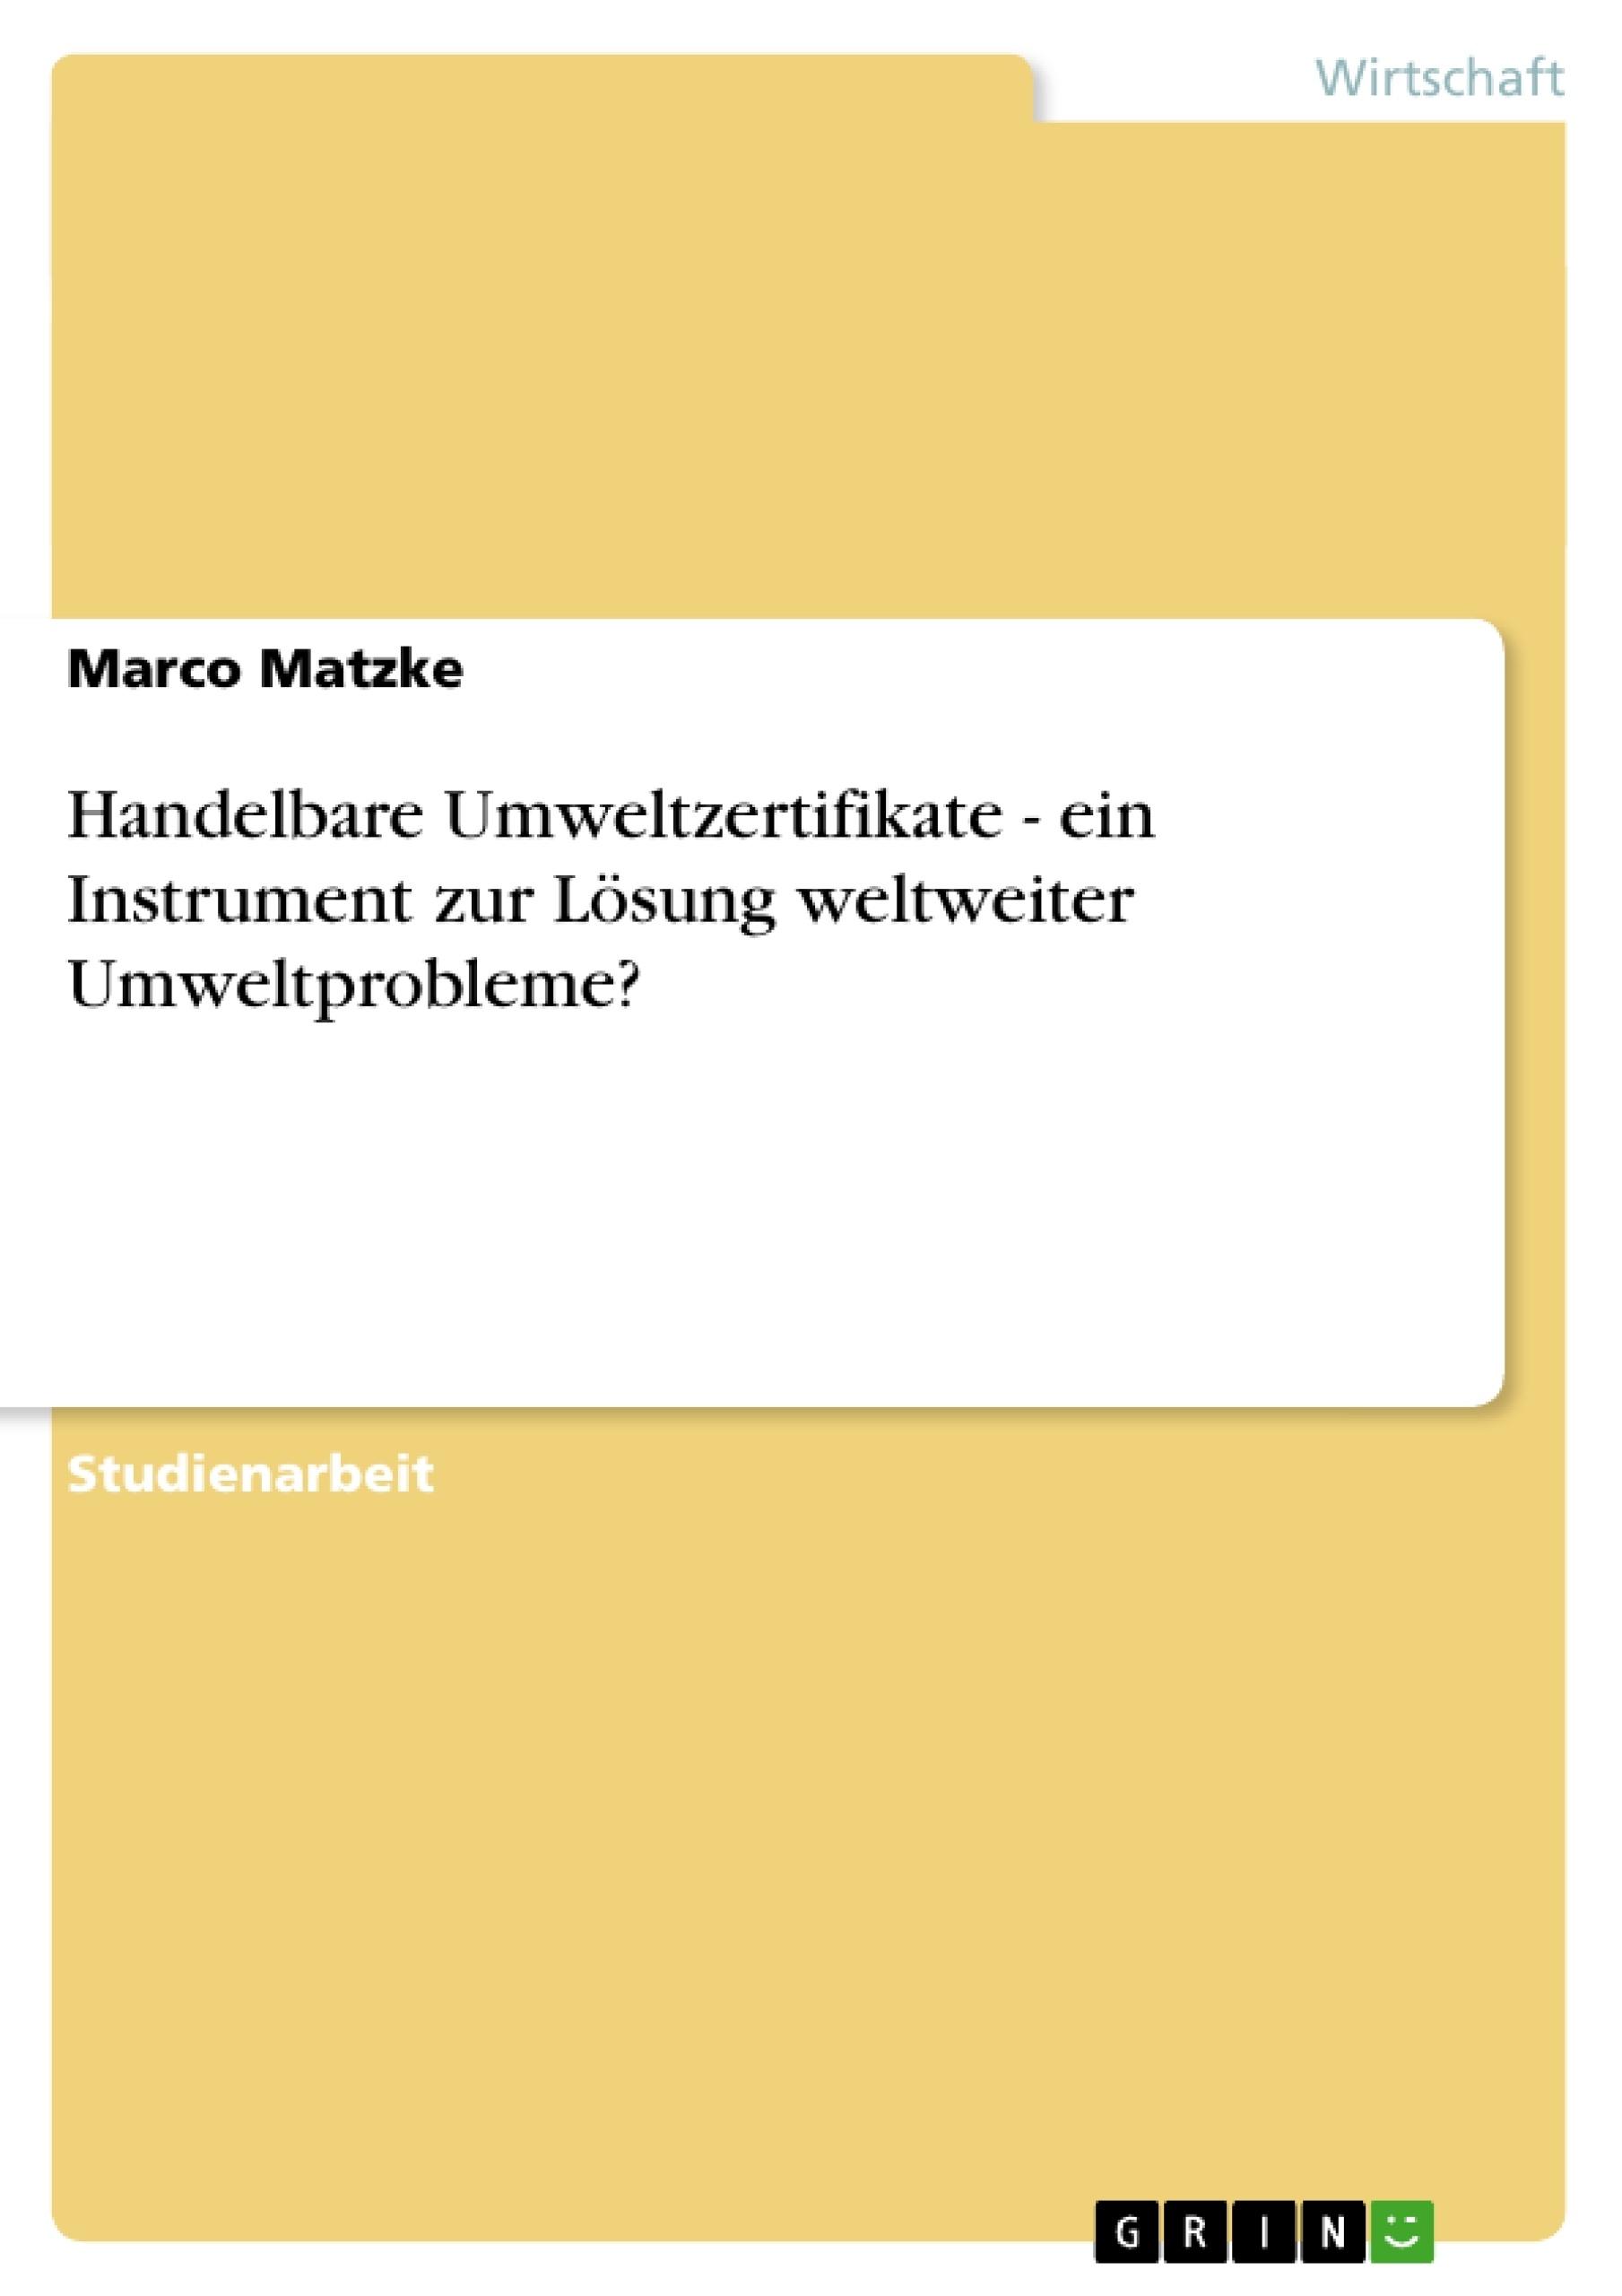 Titel: Handelbare Umweltzertifikate - ein Instrument zur Lösung weltweiter Umweltprobleme?